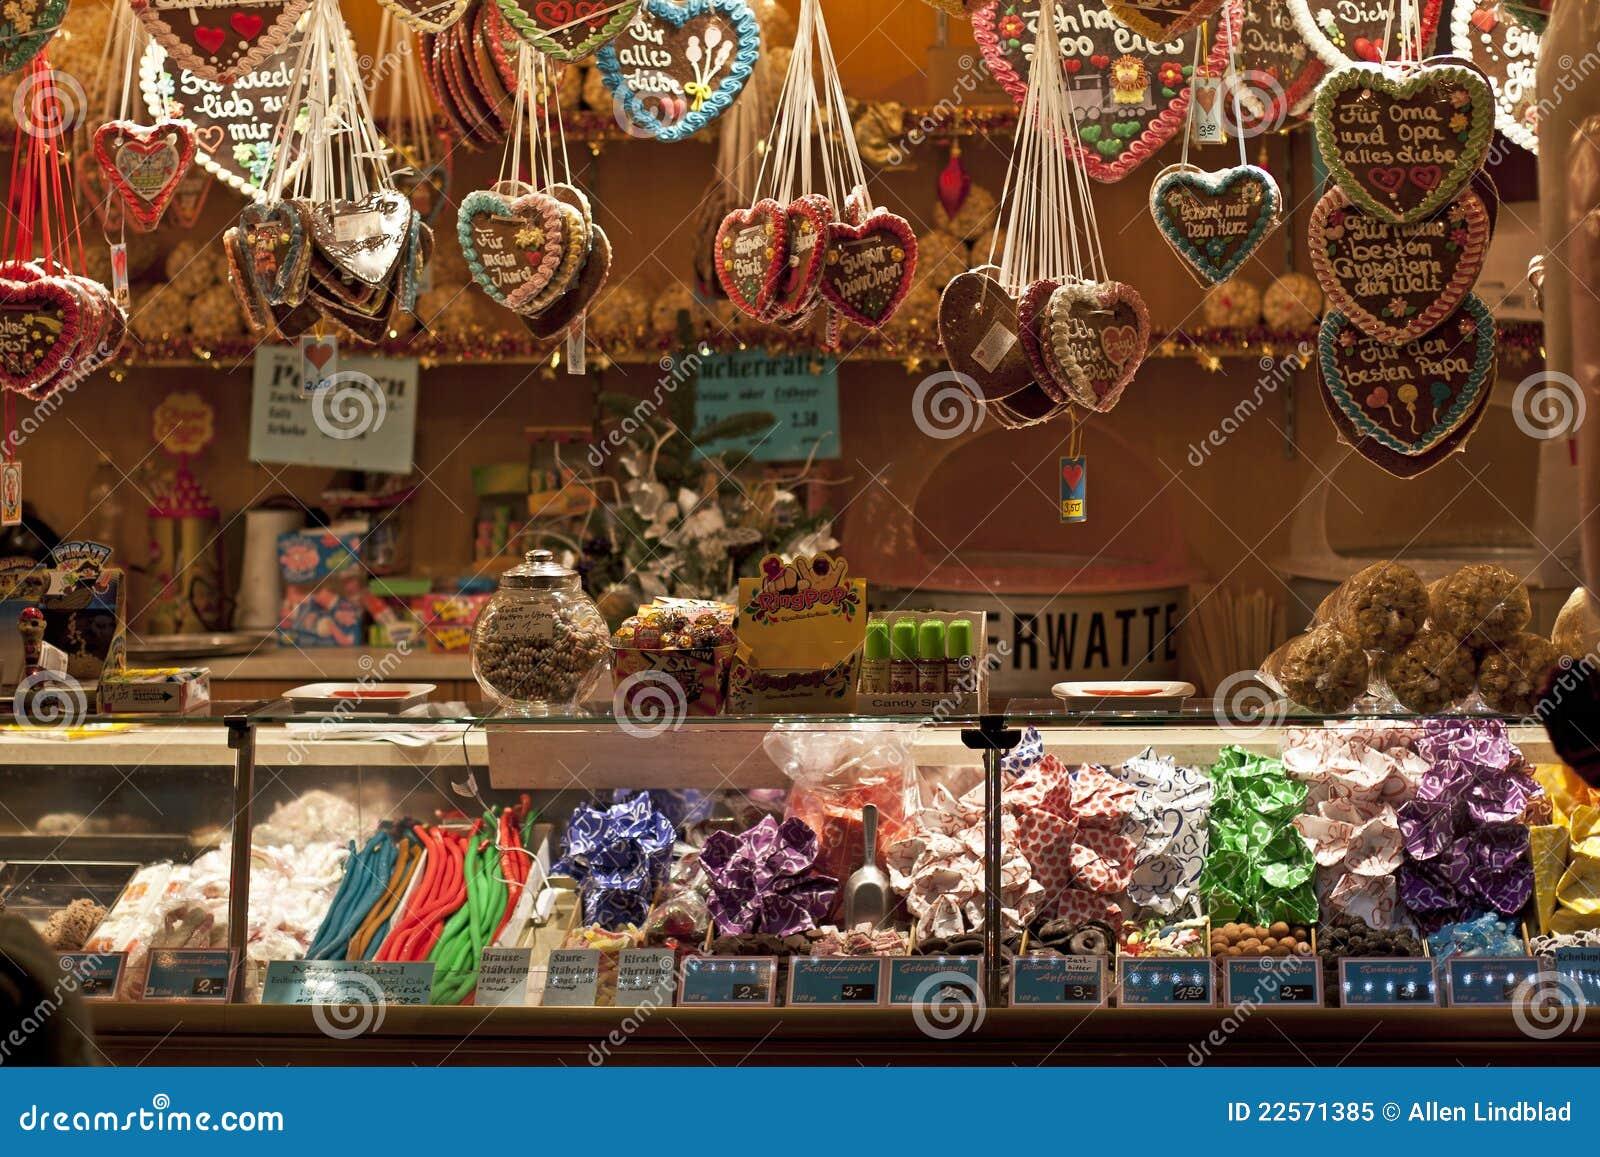 German Christmas Shop